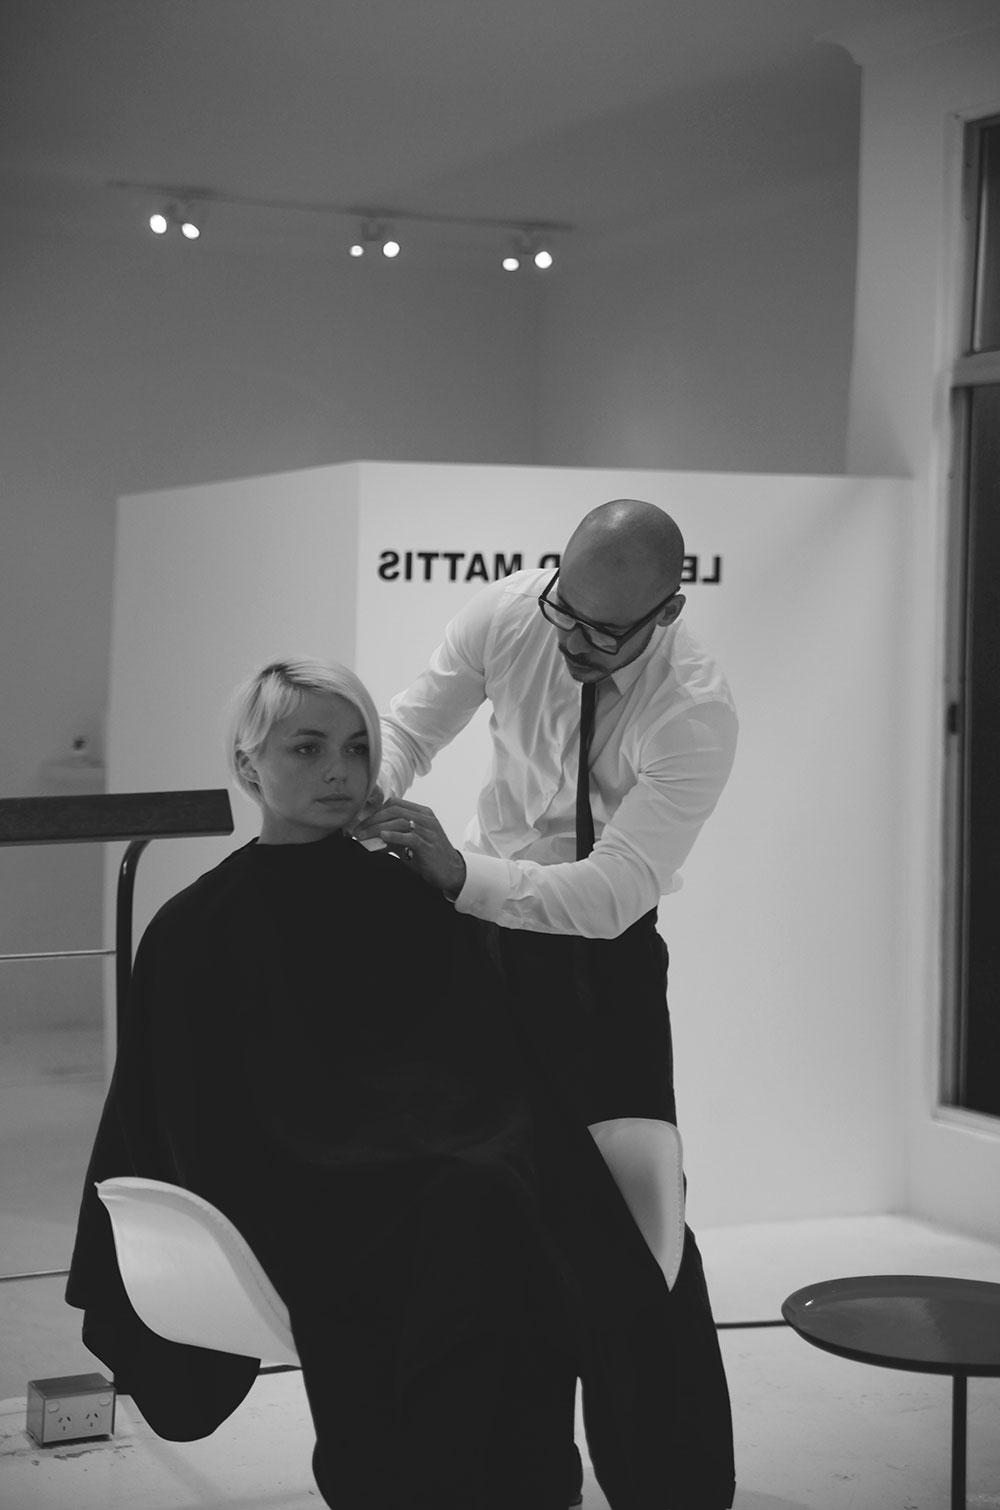 Sydney Hairdresser Leonard Mattis | Yellowtrace.